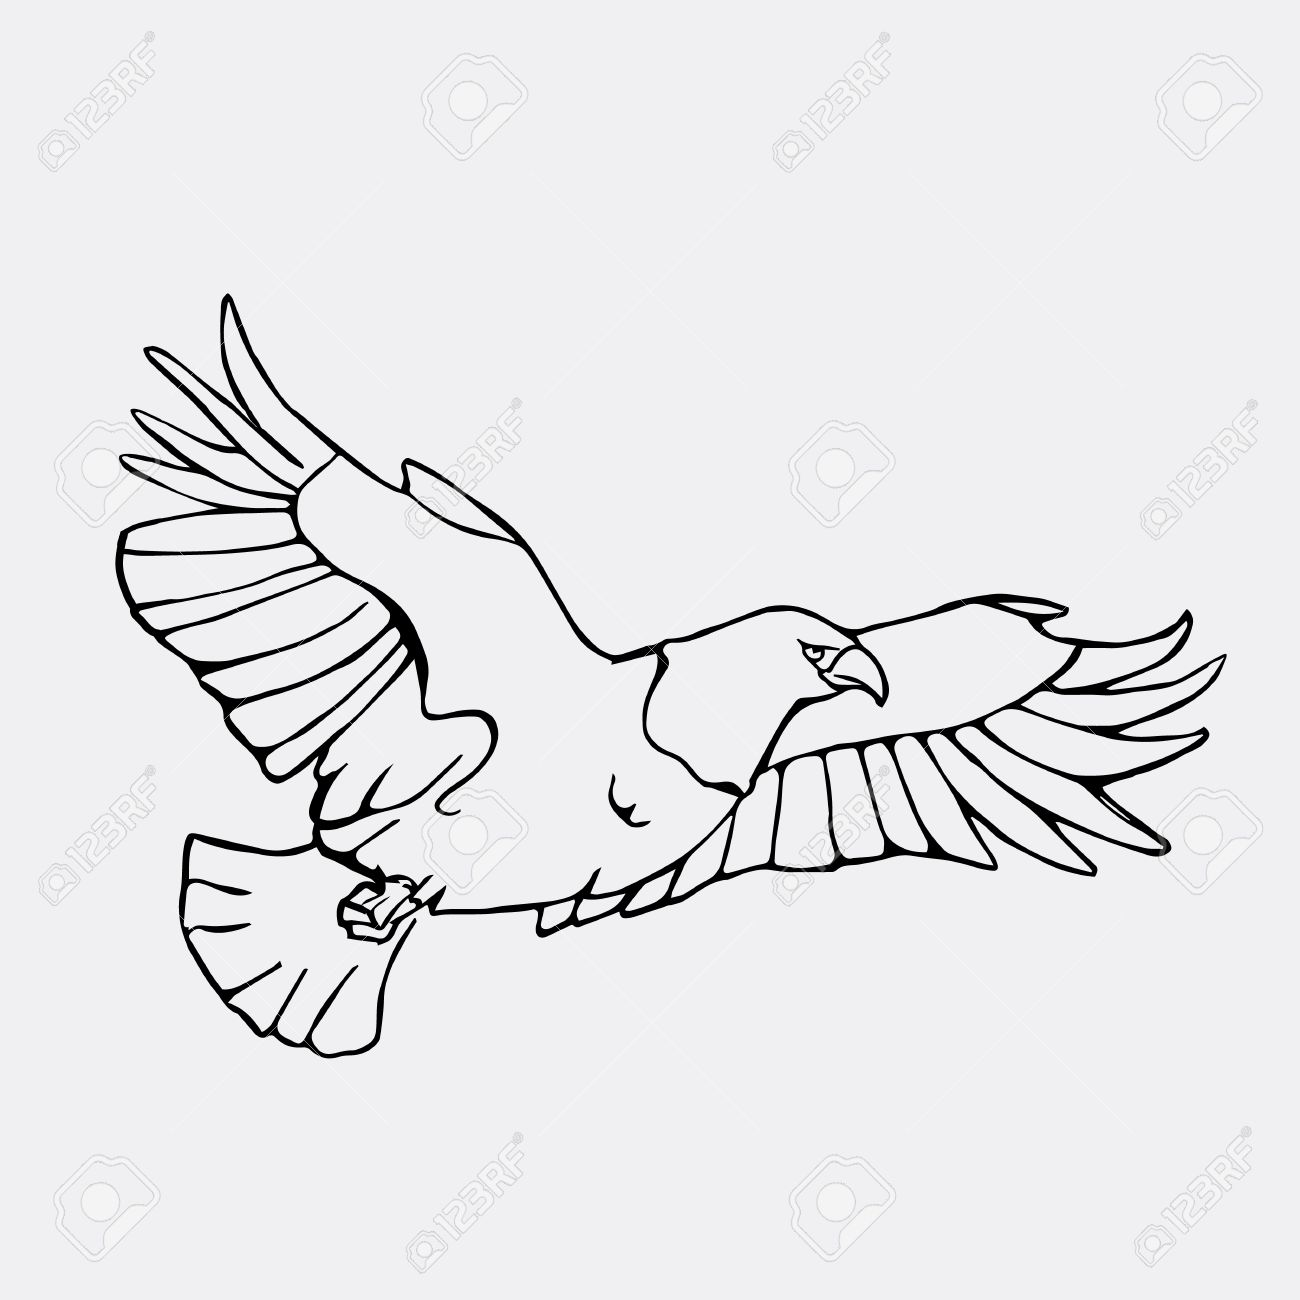 Gráficos Lápiz El Buitre El águila El águila Pescadora Halcón Carroñero Condor Karkar Cometa Dibujado A Mano Grabado Estilo De La